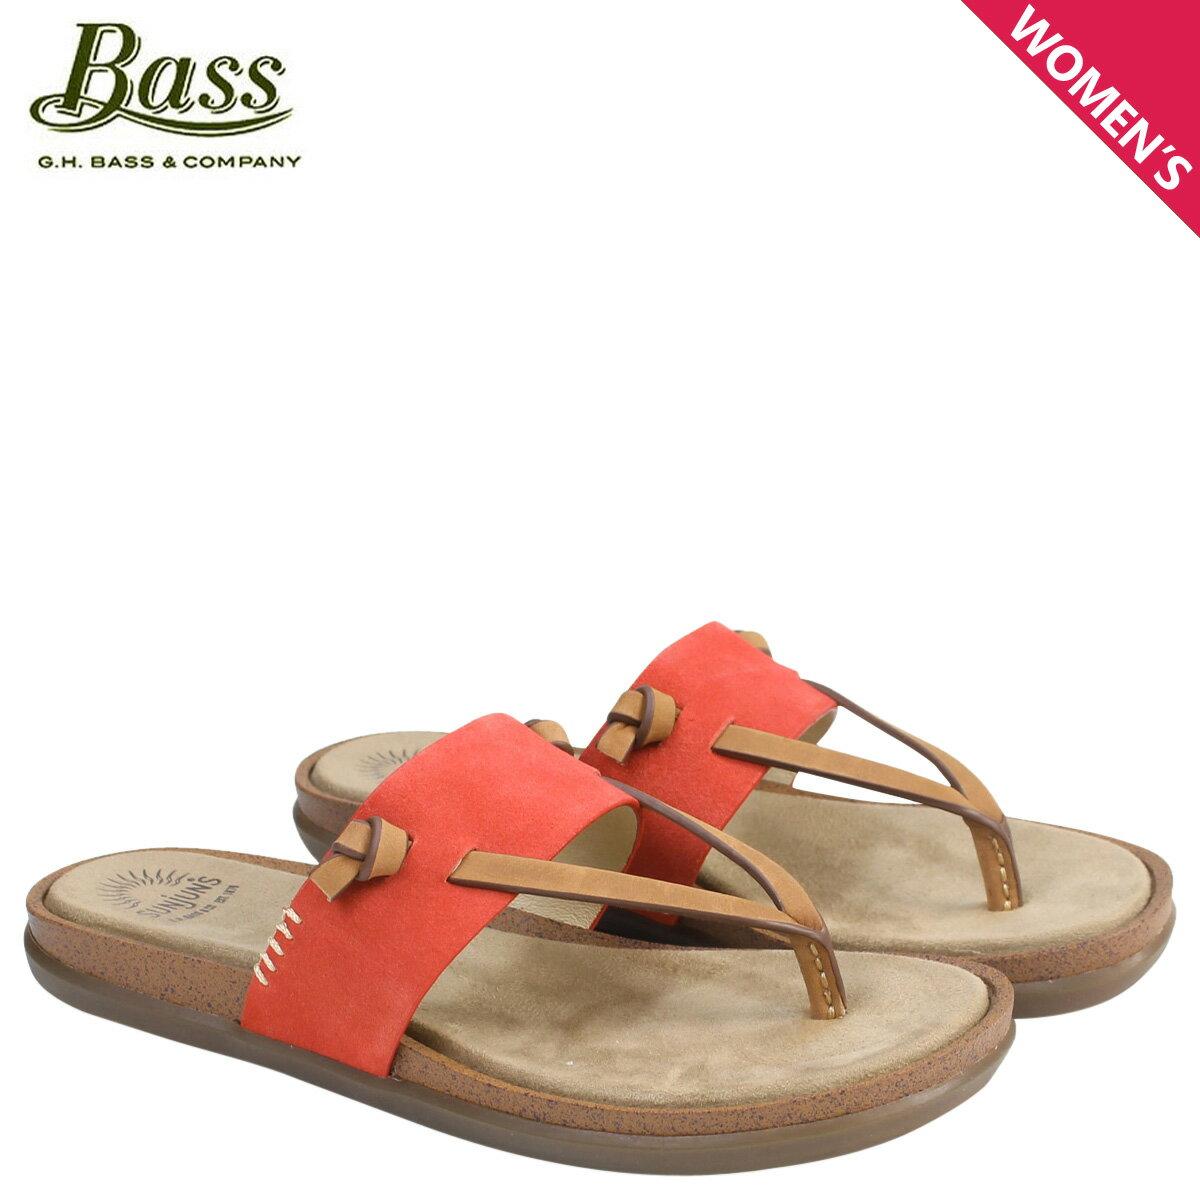 ジーエイチバス サンダル レディース G.H. BASS トング SHANNON THONG SUNJUNS 71-23019 靴 オレンジ [177]